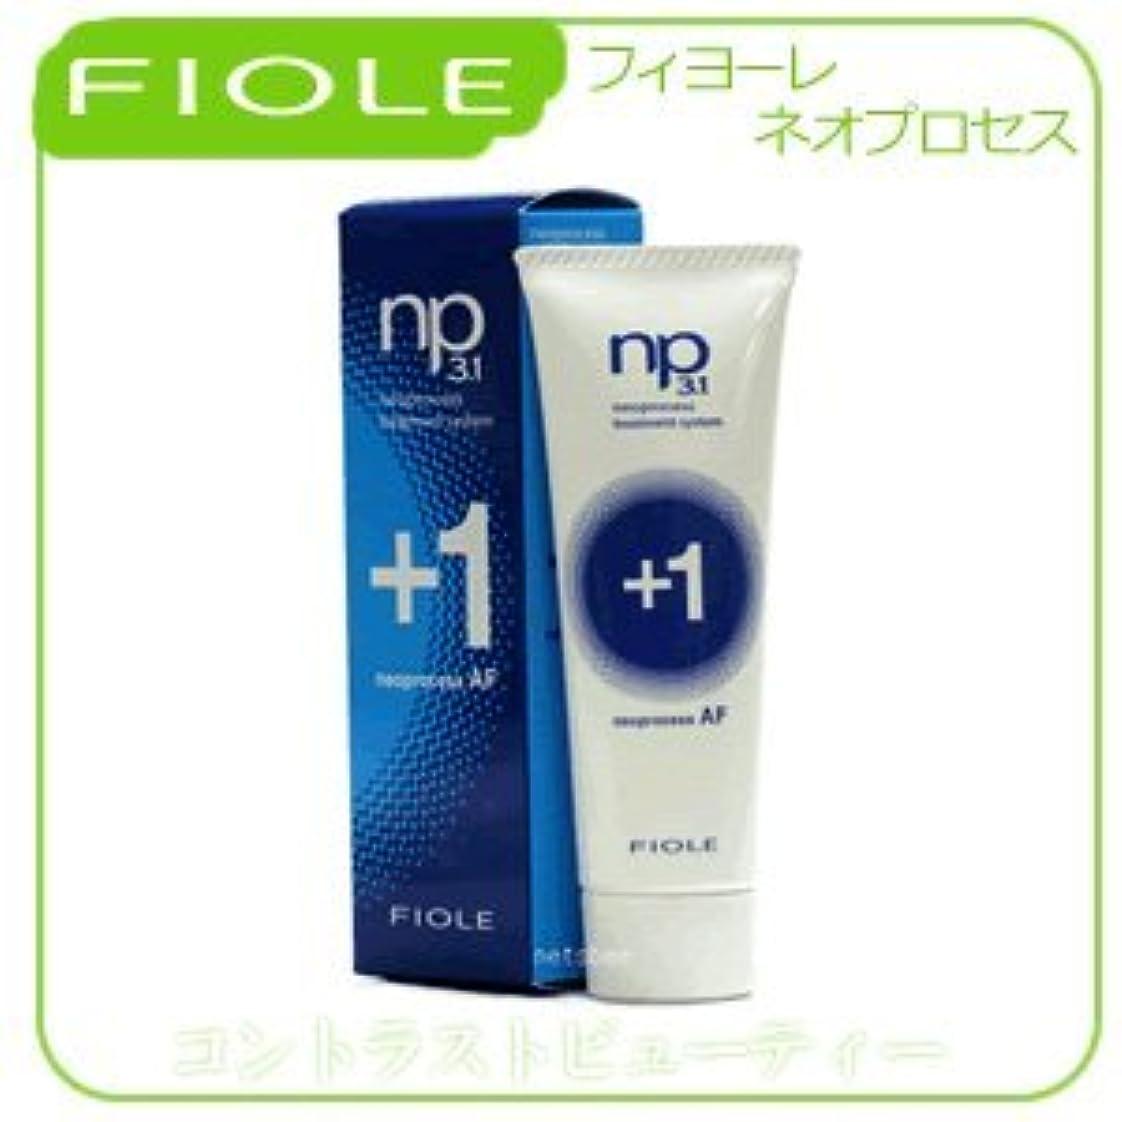 人気のこれまで最初に【X5個セット】 フィヨーレ NP3.1 ネオプロセス AFプラス1 100g FIOLE ネオプロセス